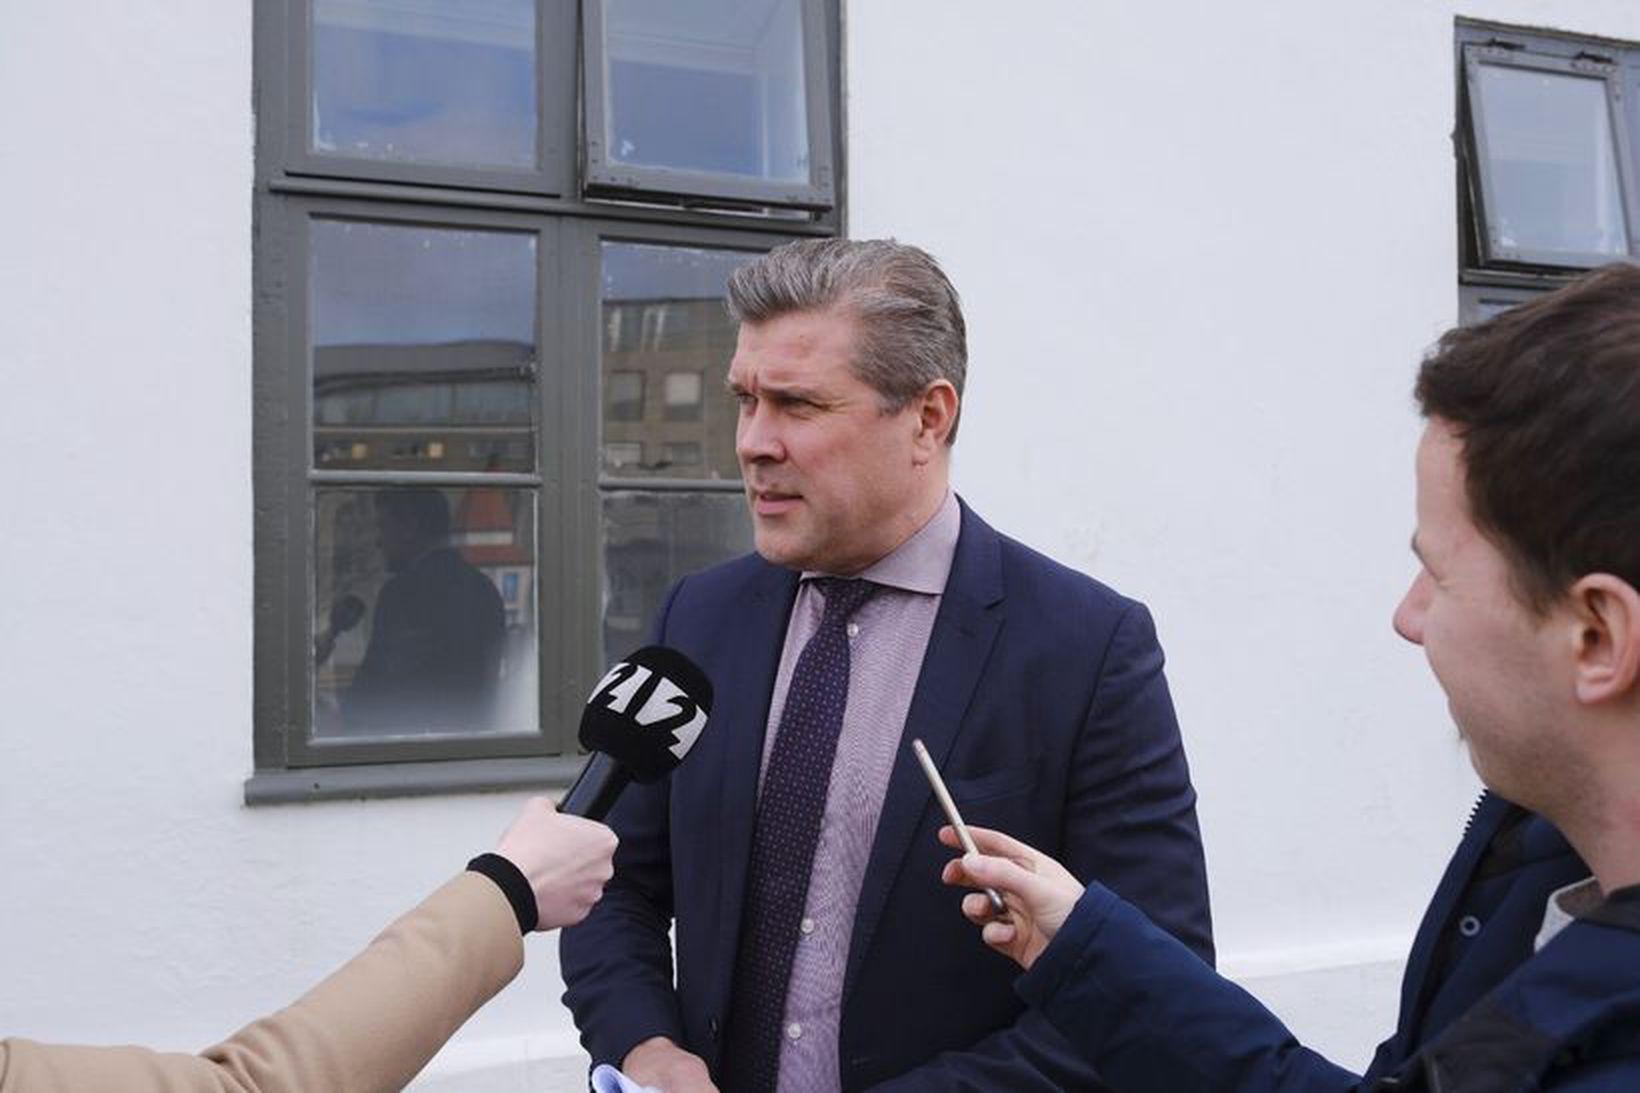 Bjarni Benediktsson fjármálaráðherra ræðir við fjölmiðla í dag eftir fundinn.